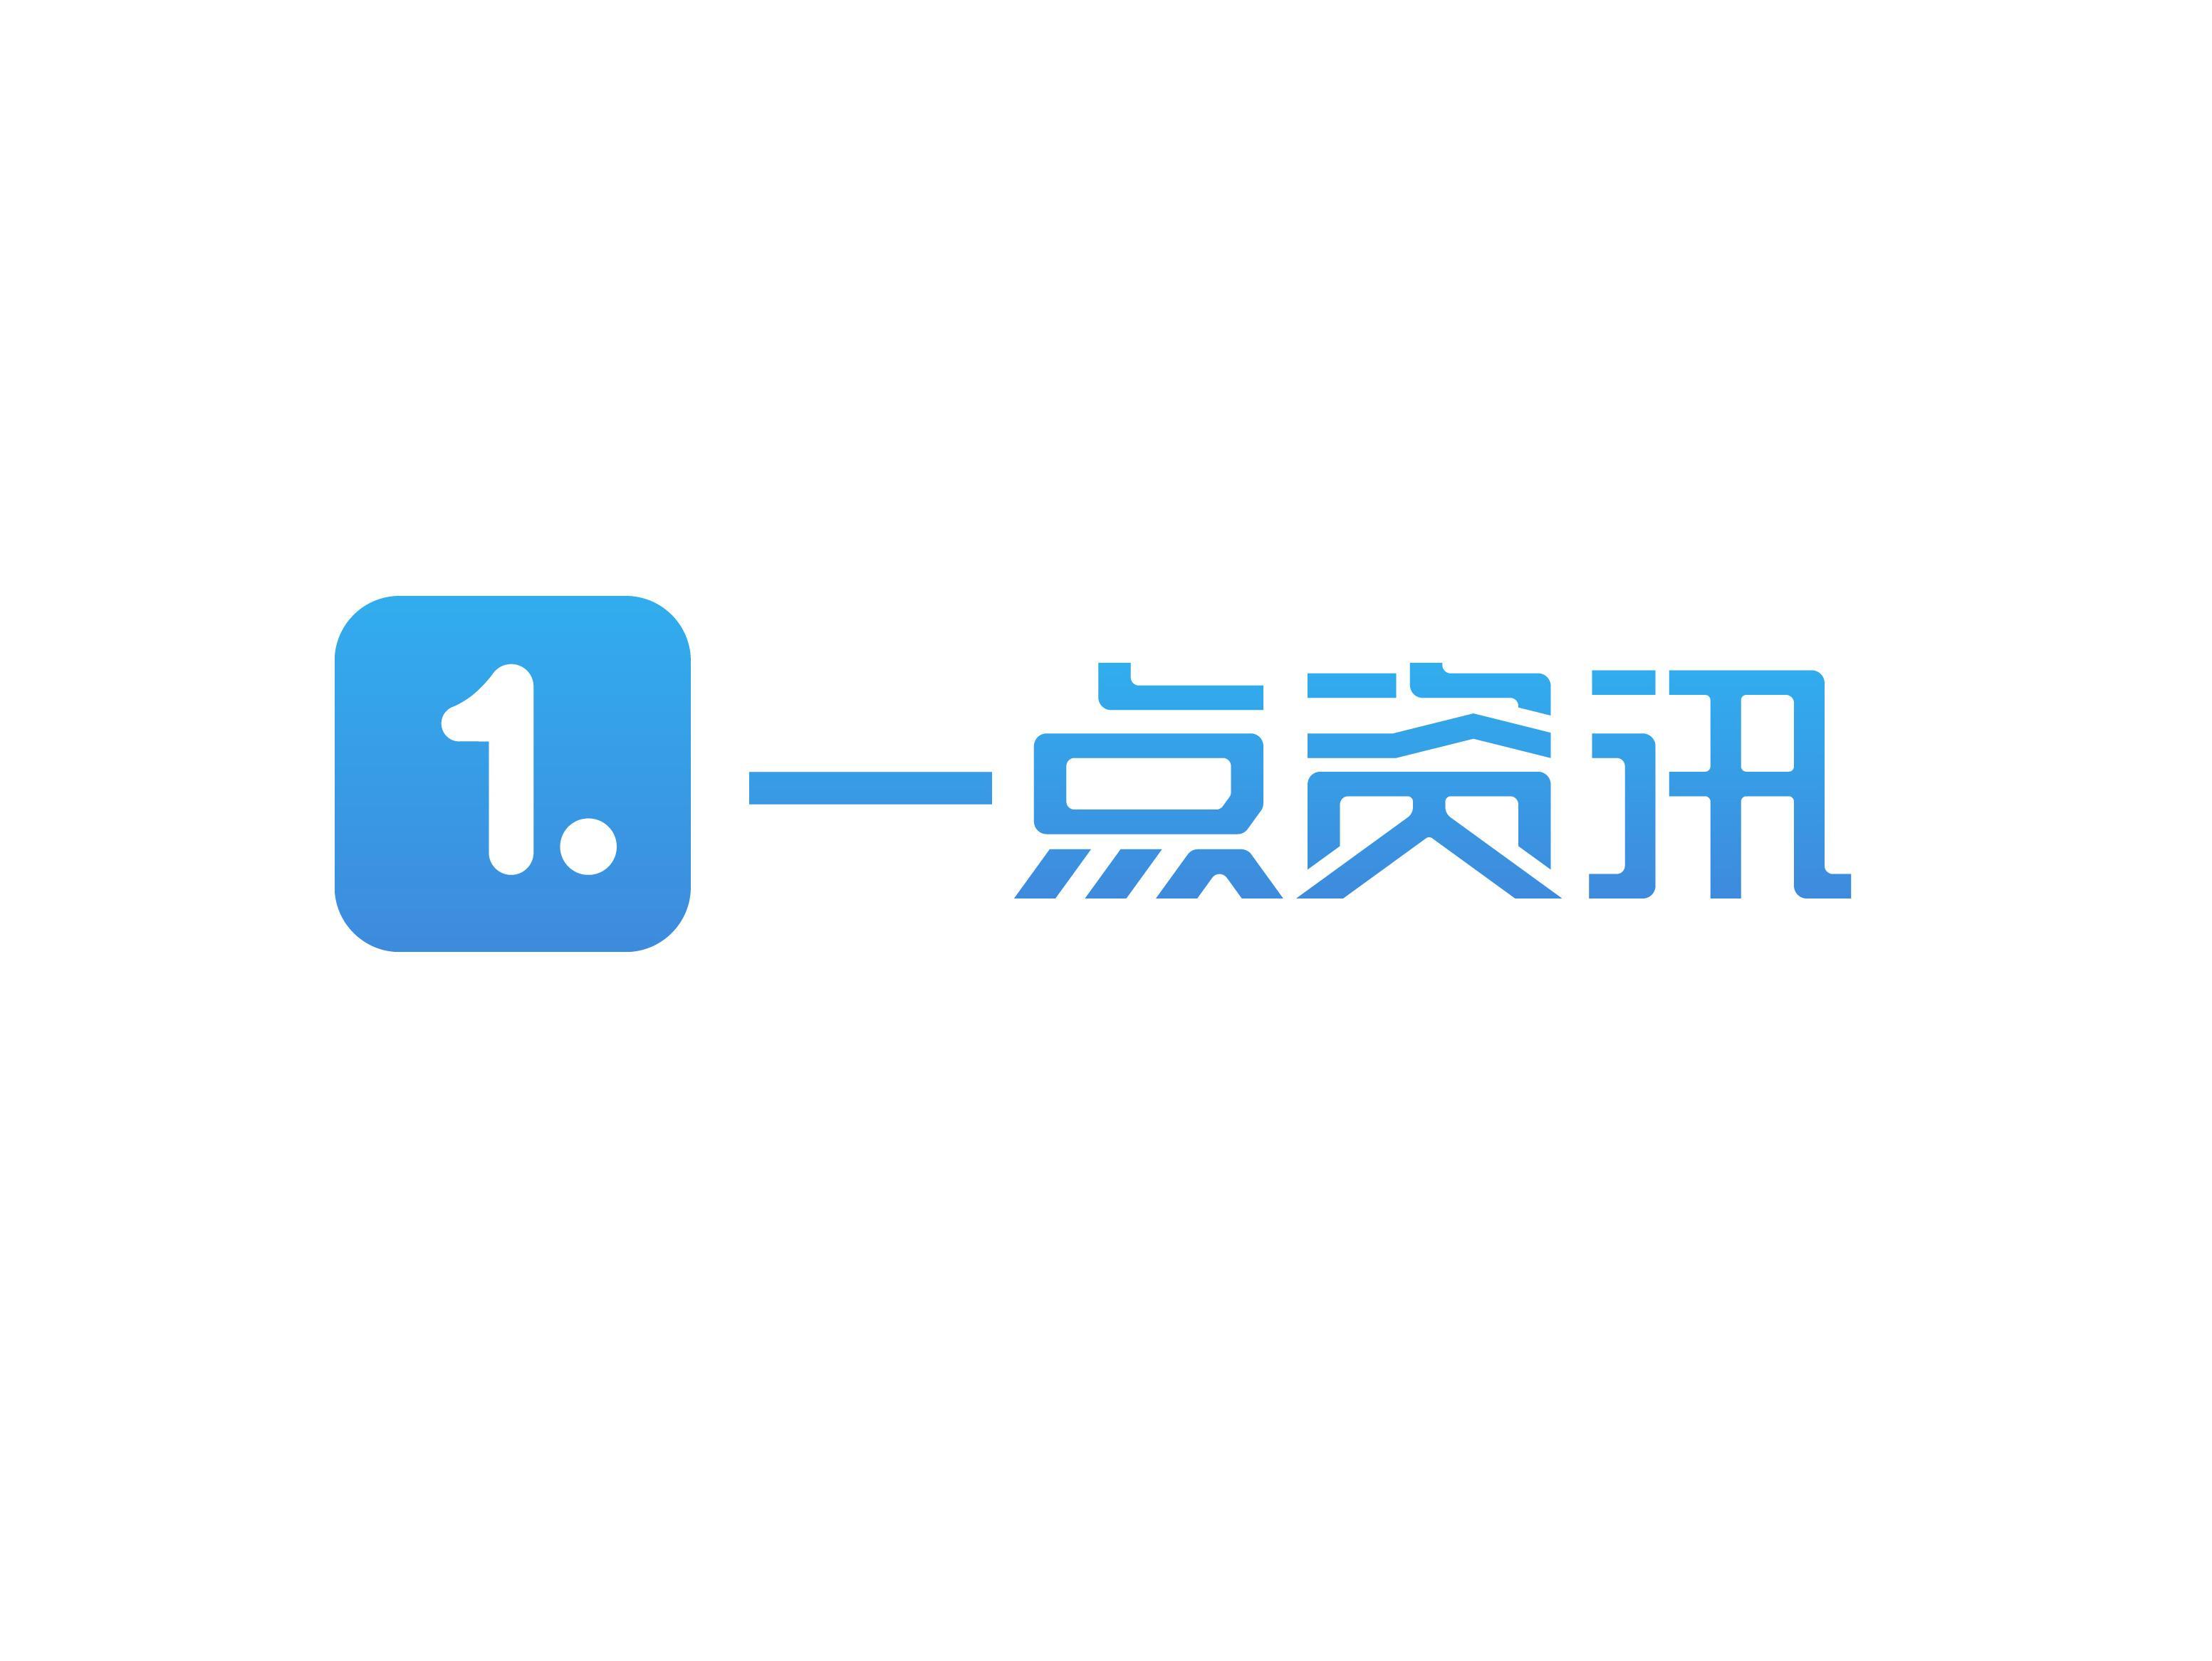 资讯_爆料:oppo入股一点资讯了